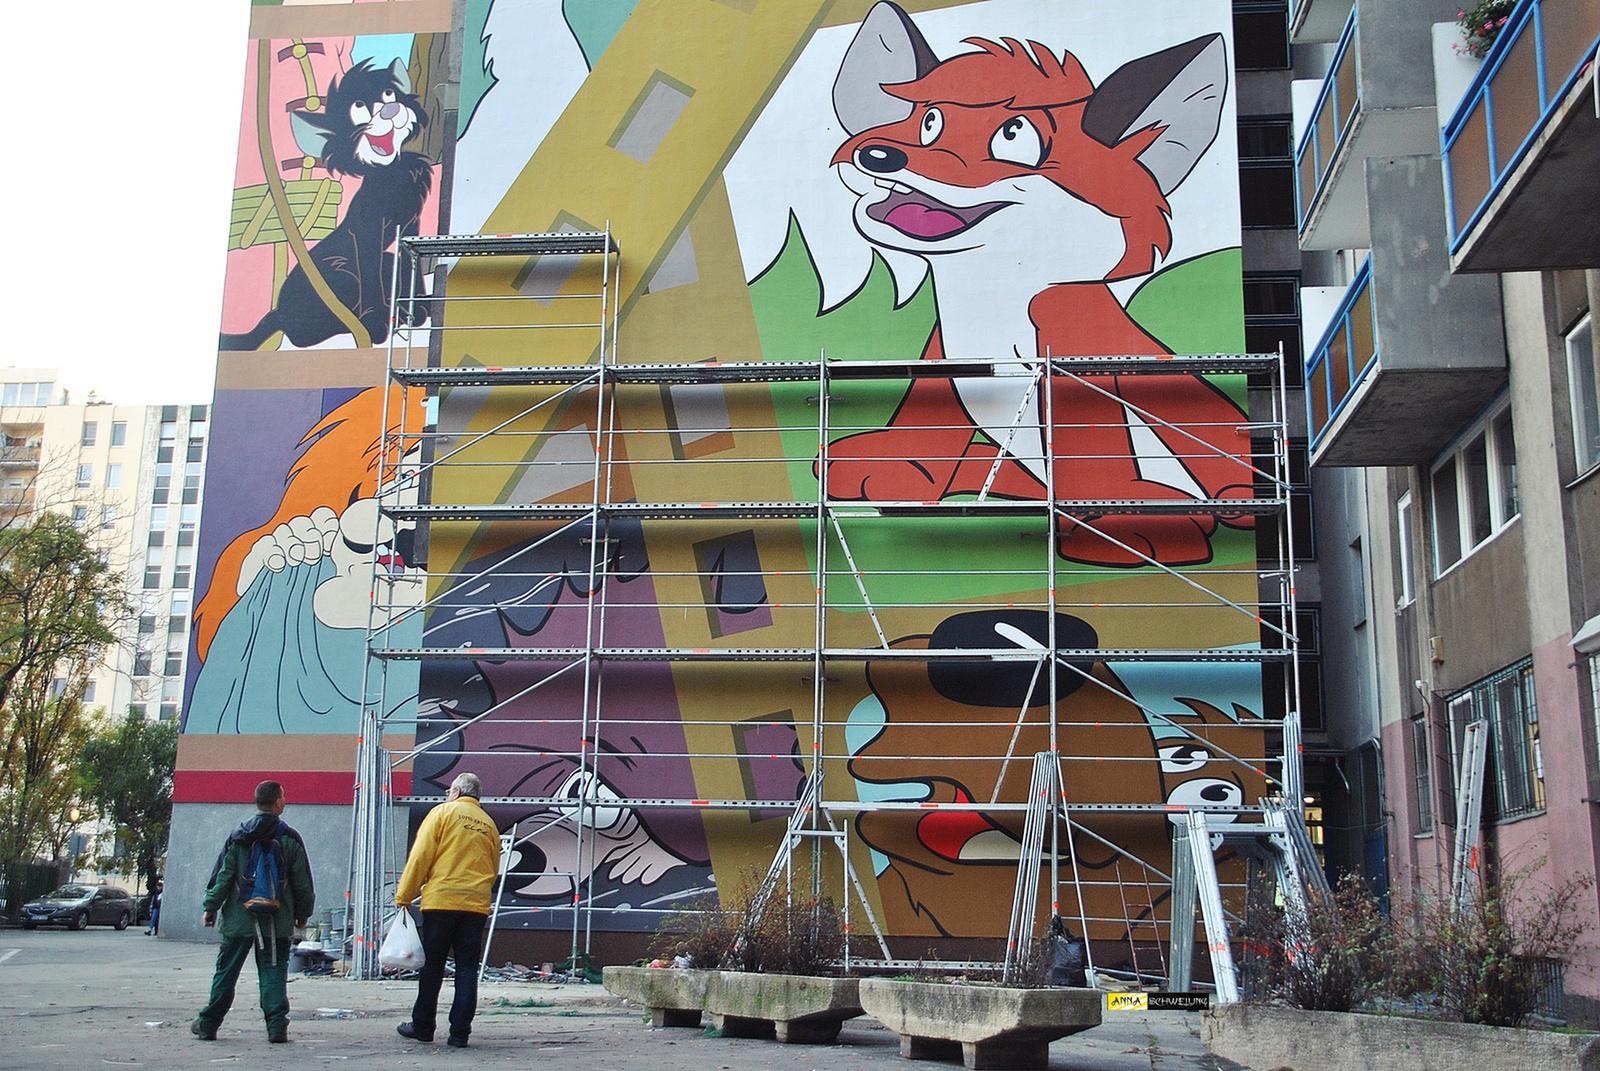 Elkészült a Vuk 2. tűzfalfestmény